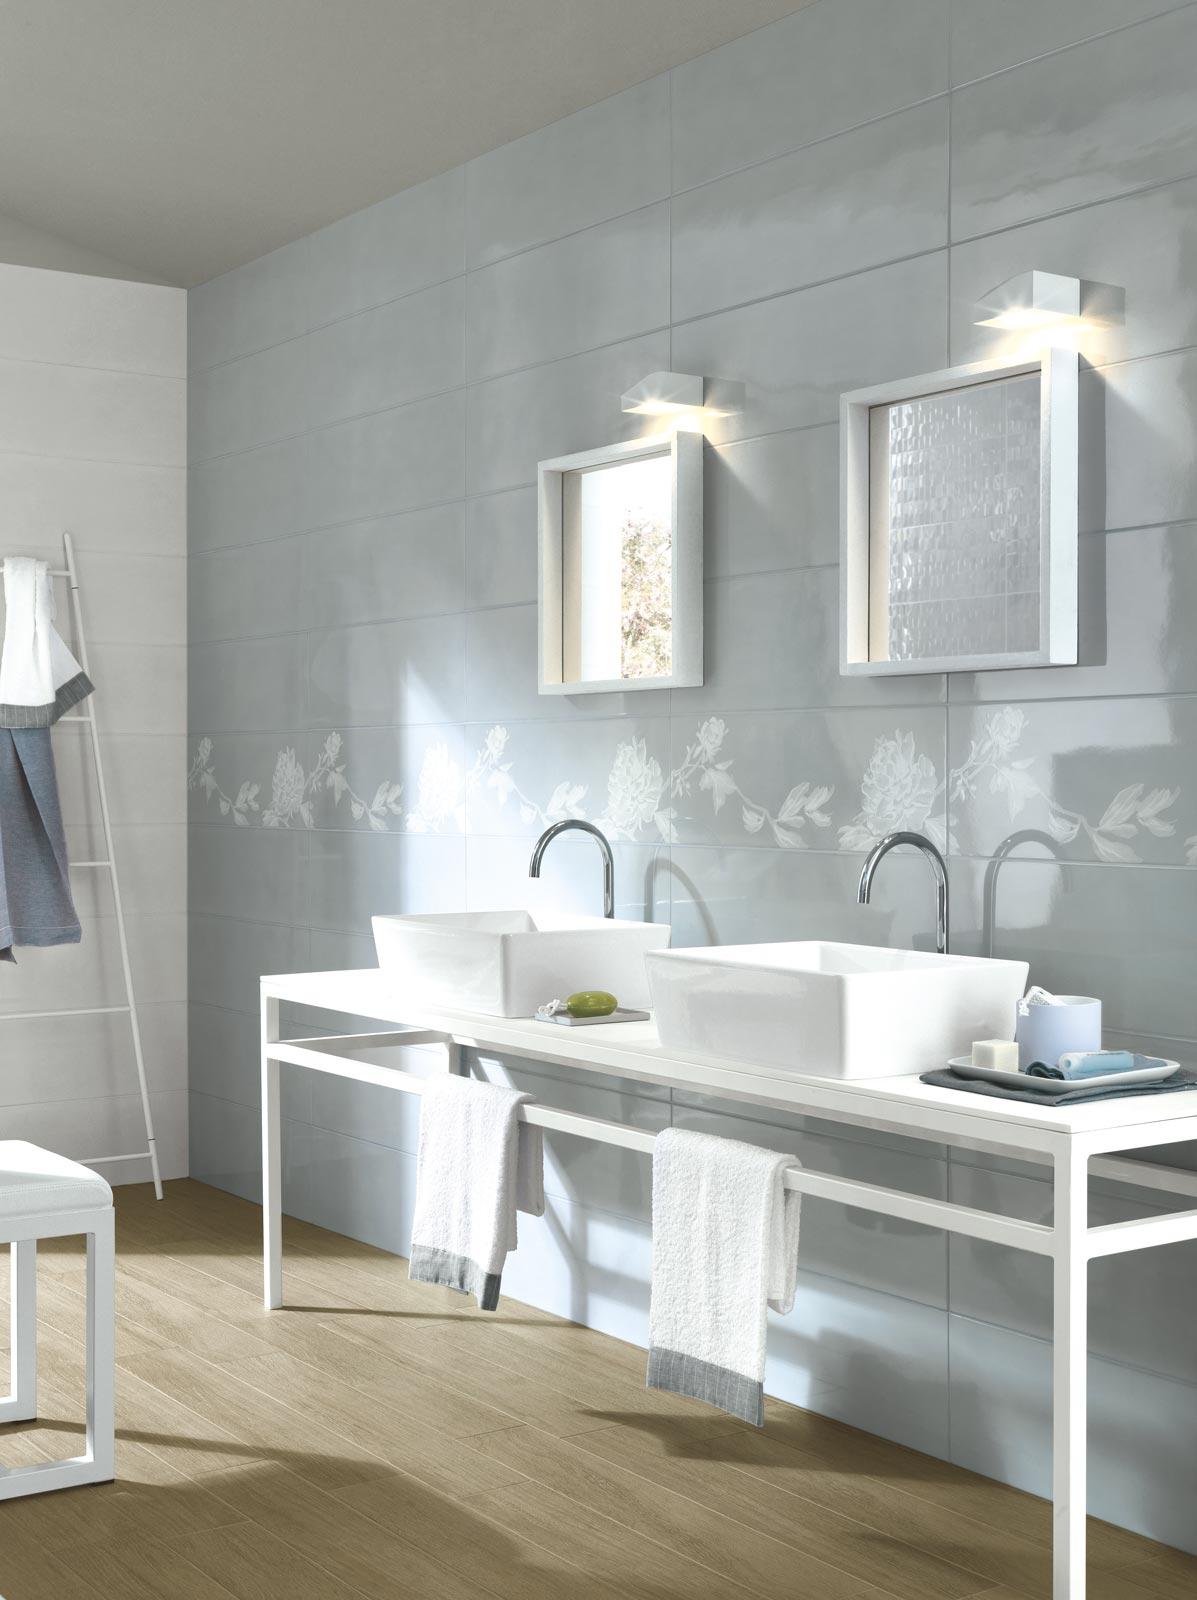 Collezione handmade rivestimenti bagno effetto lucido ragno - Ragno rivestimenti bagno ...